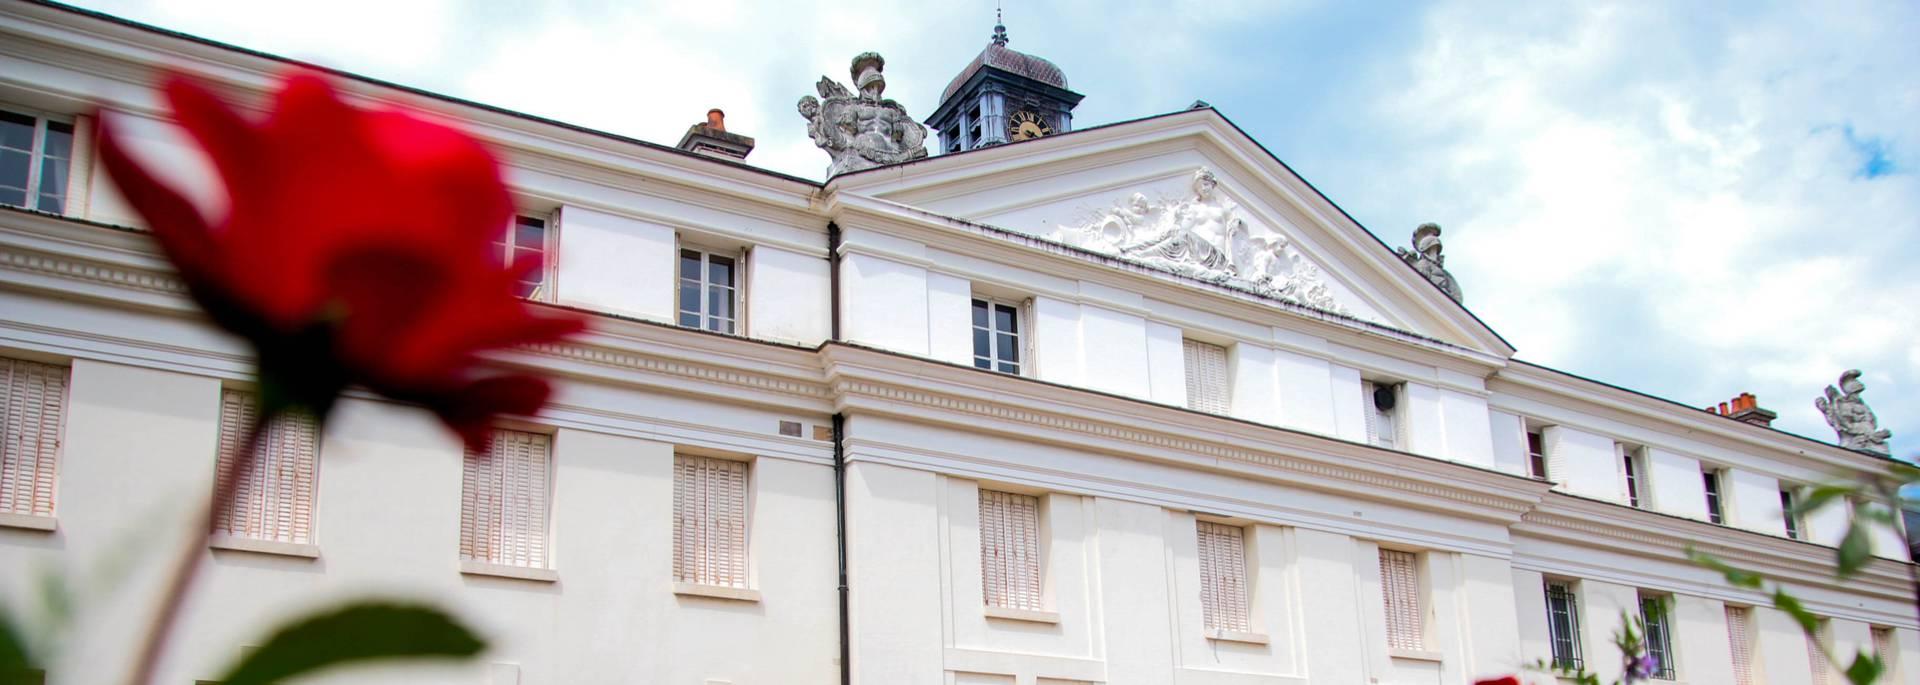 Depuis les terrasses du château de la Verrerie, Le Creusot. © Lesley Willamson.